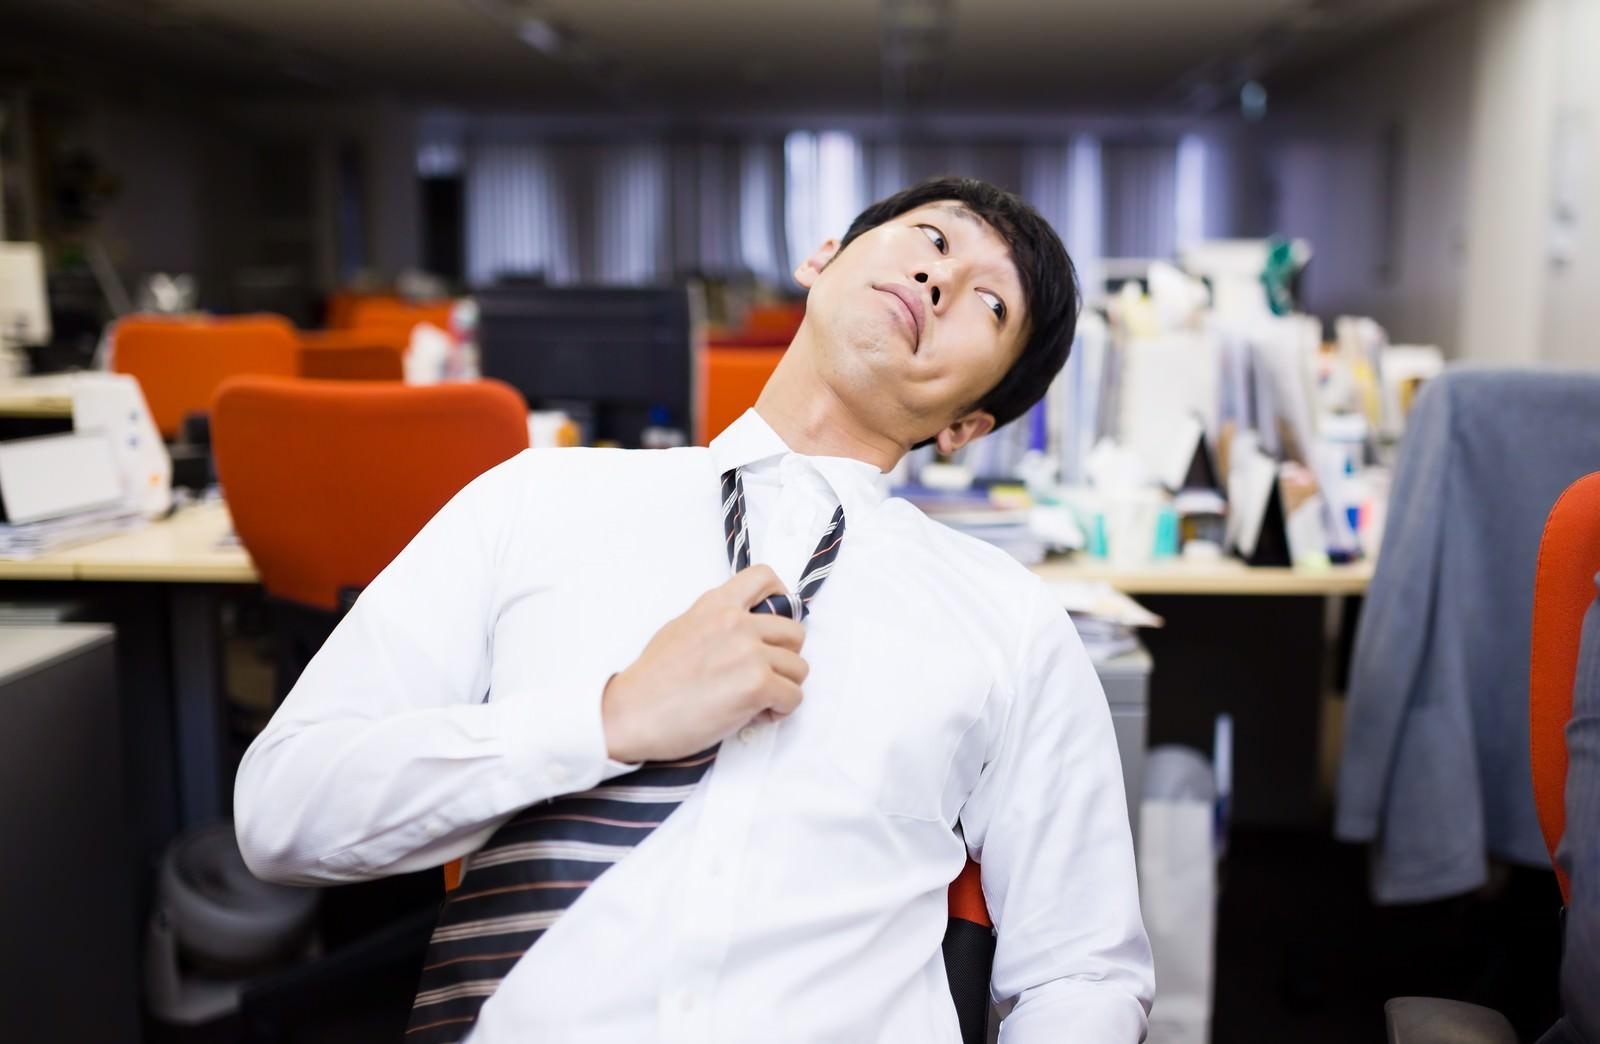 「「残業するオレ、カッコイイ!」とドヤ顔をする意識高い系社畜「残業するオレ、カッコイイ!」とドヤ顔をする意識高い系社畜」[モデル:大川竜弥]のフリー写真素材を拡大